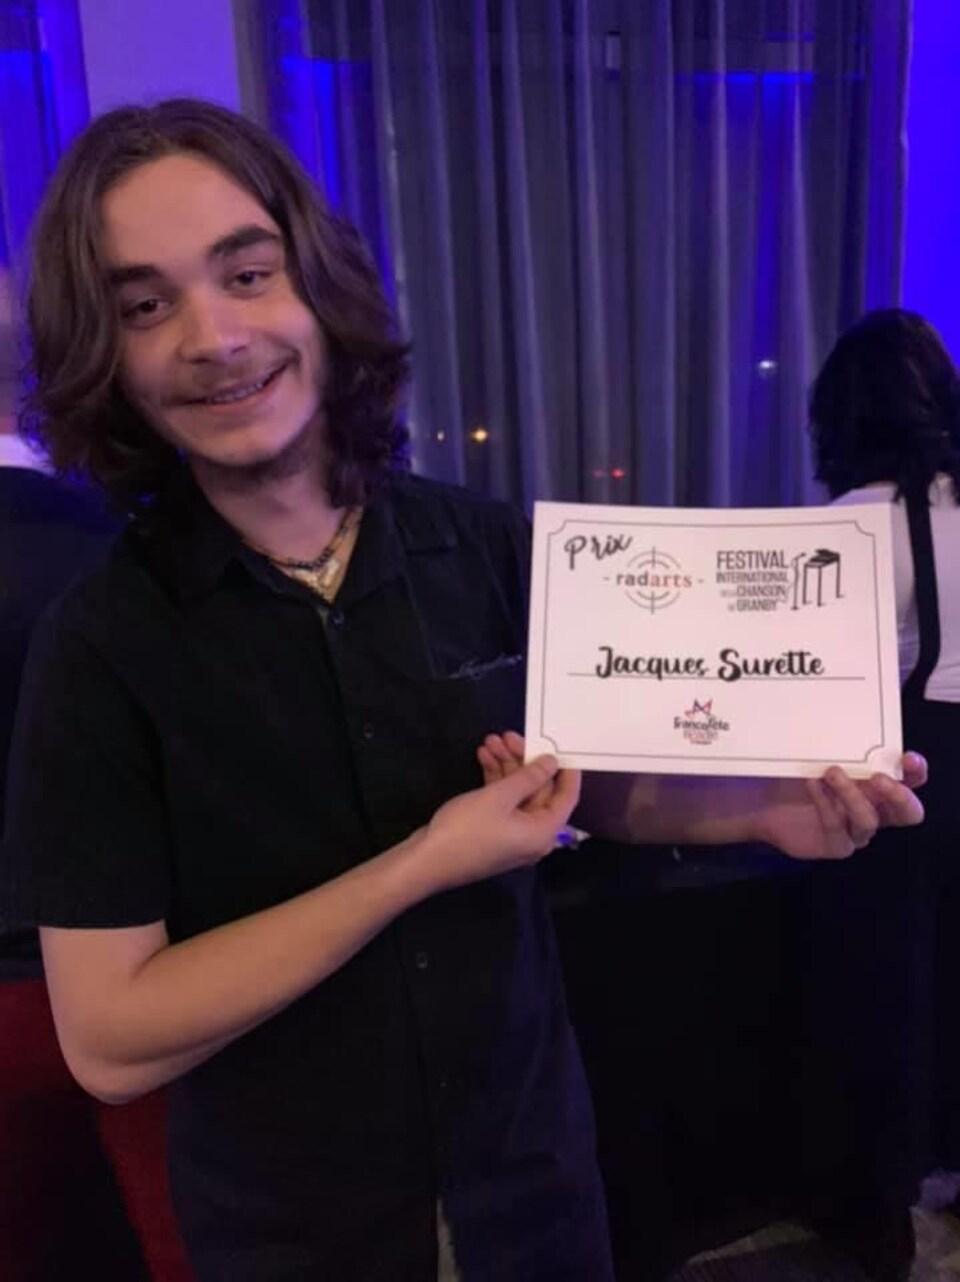 Jacques surette tenant un certificat sur lequel est écrit son nom.